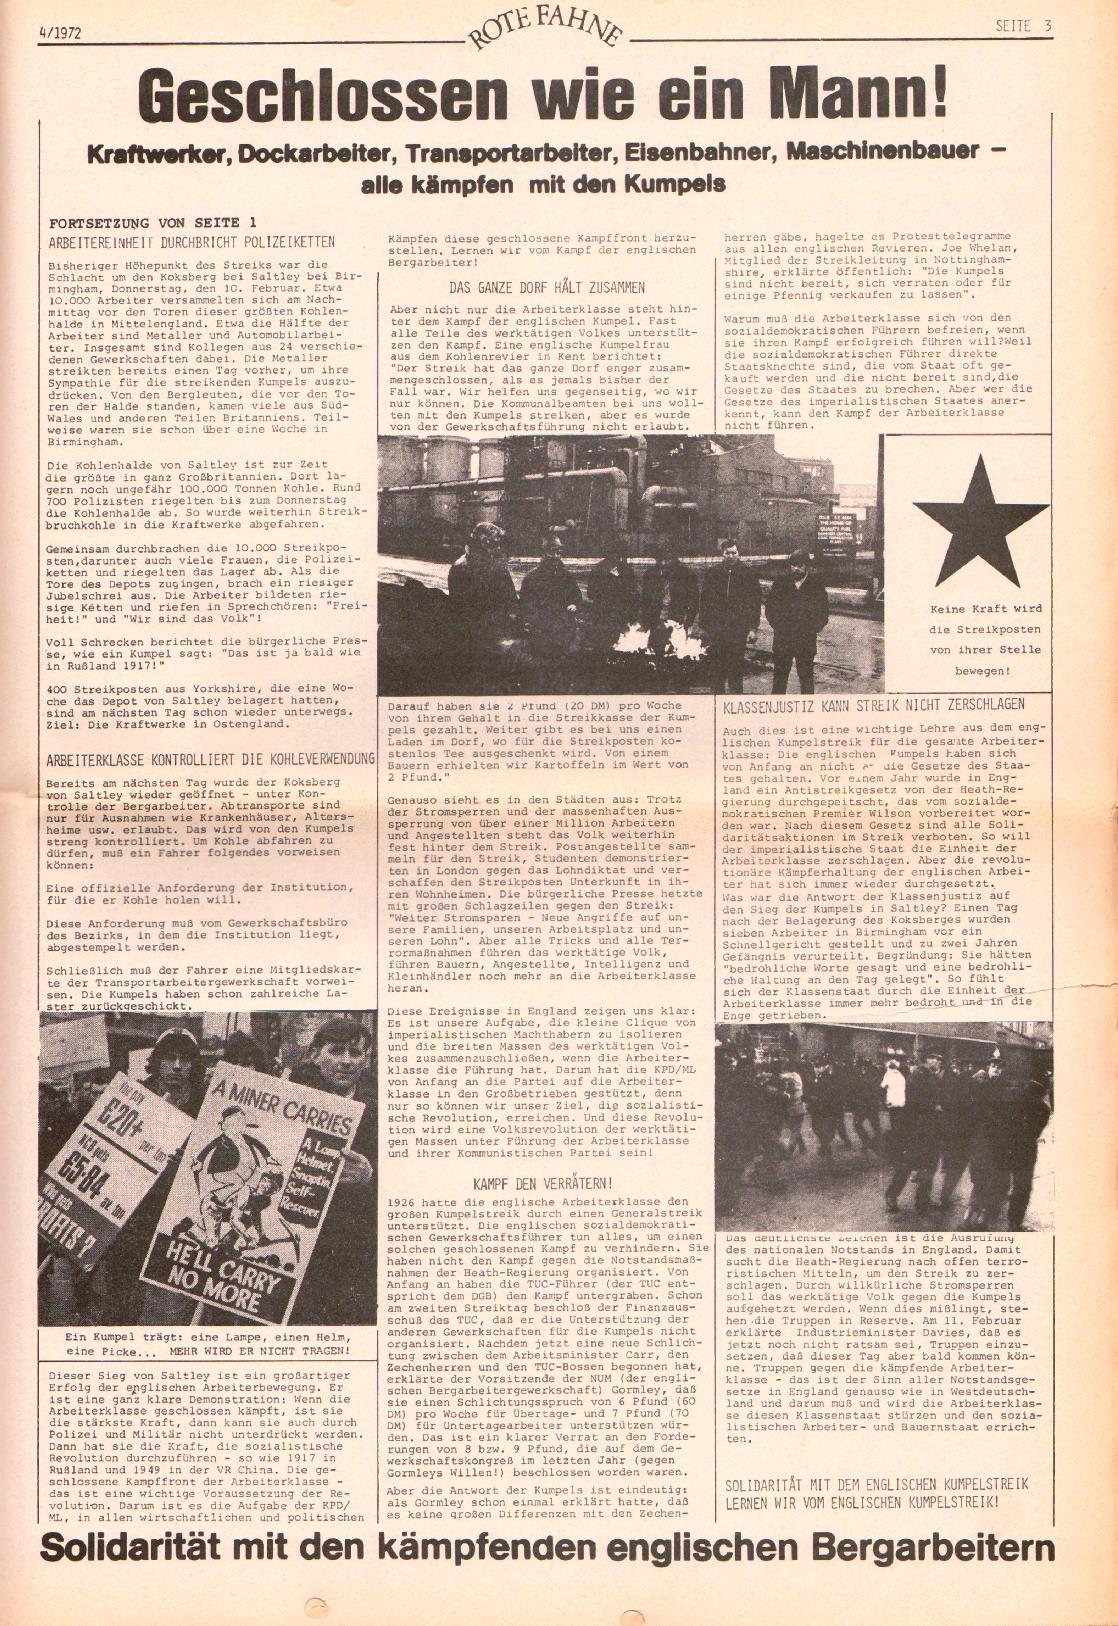 Rote Fahne, 3. Jg., 21.2.1972, Nr. 4, Seite 3